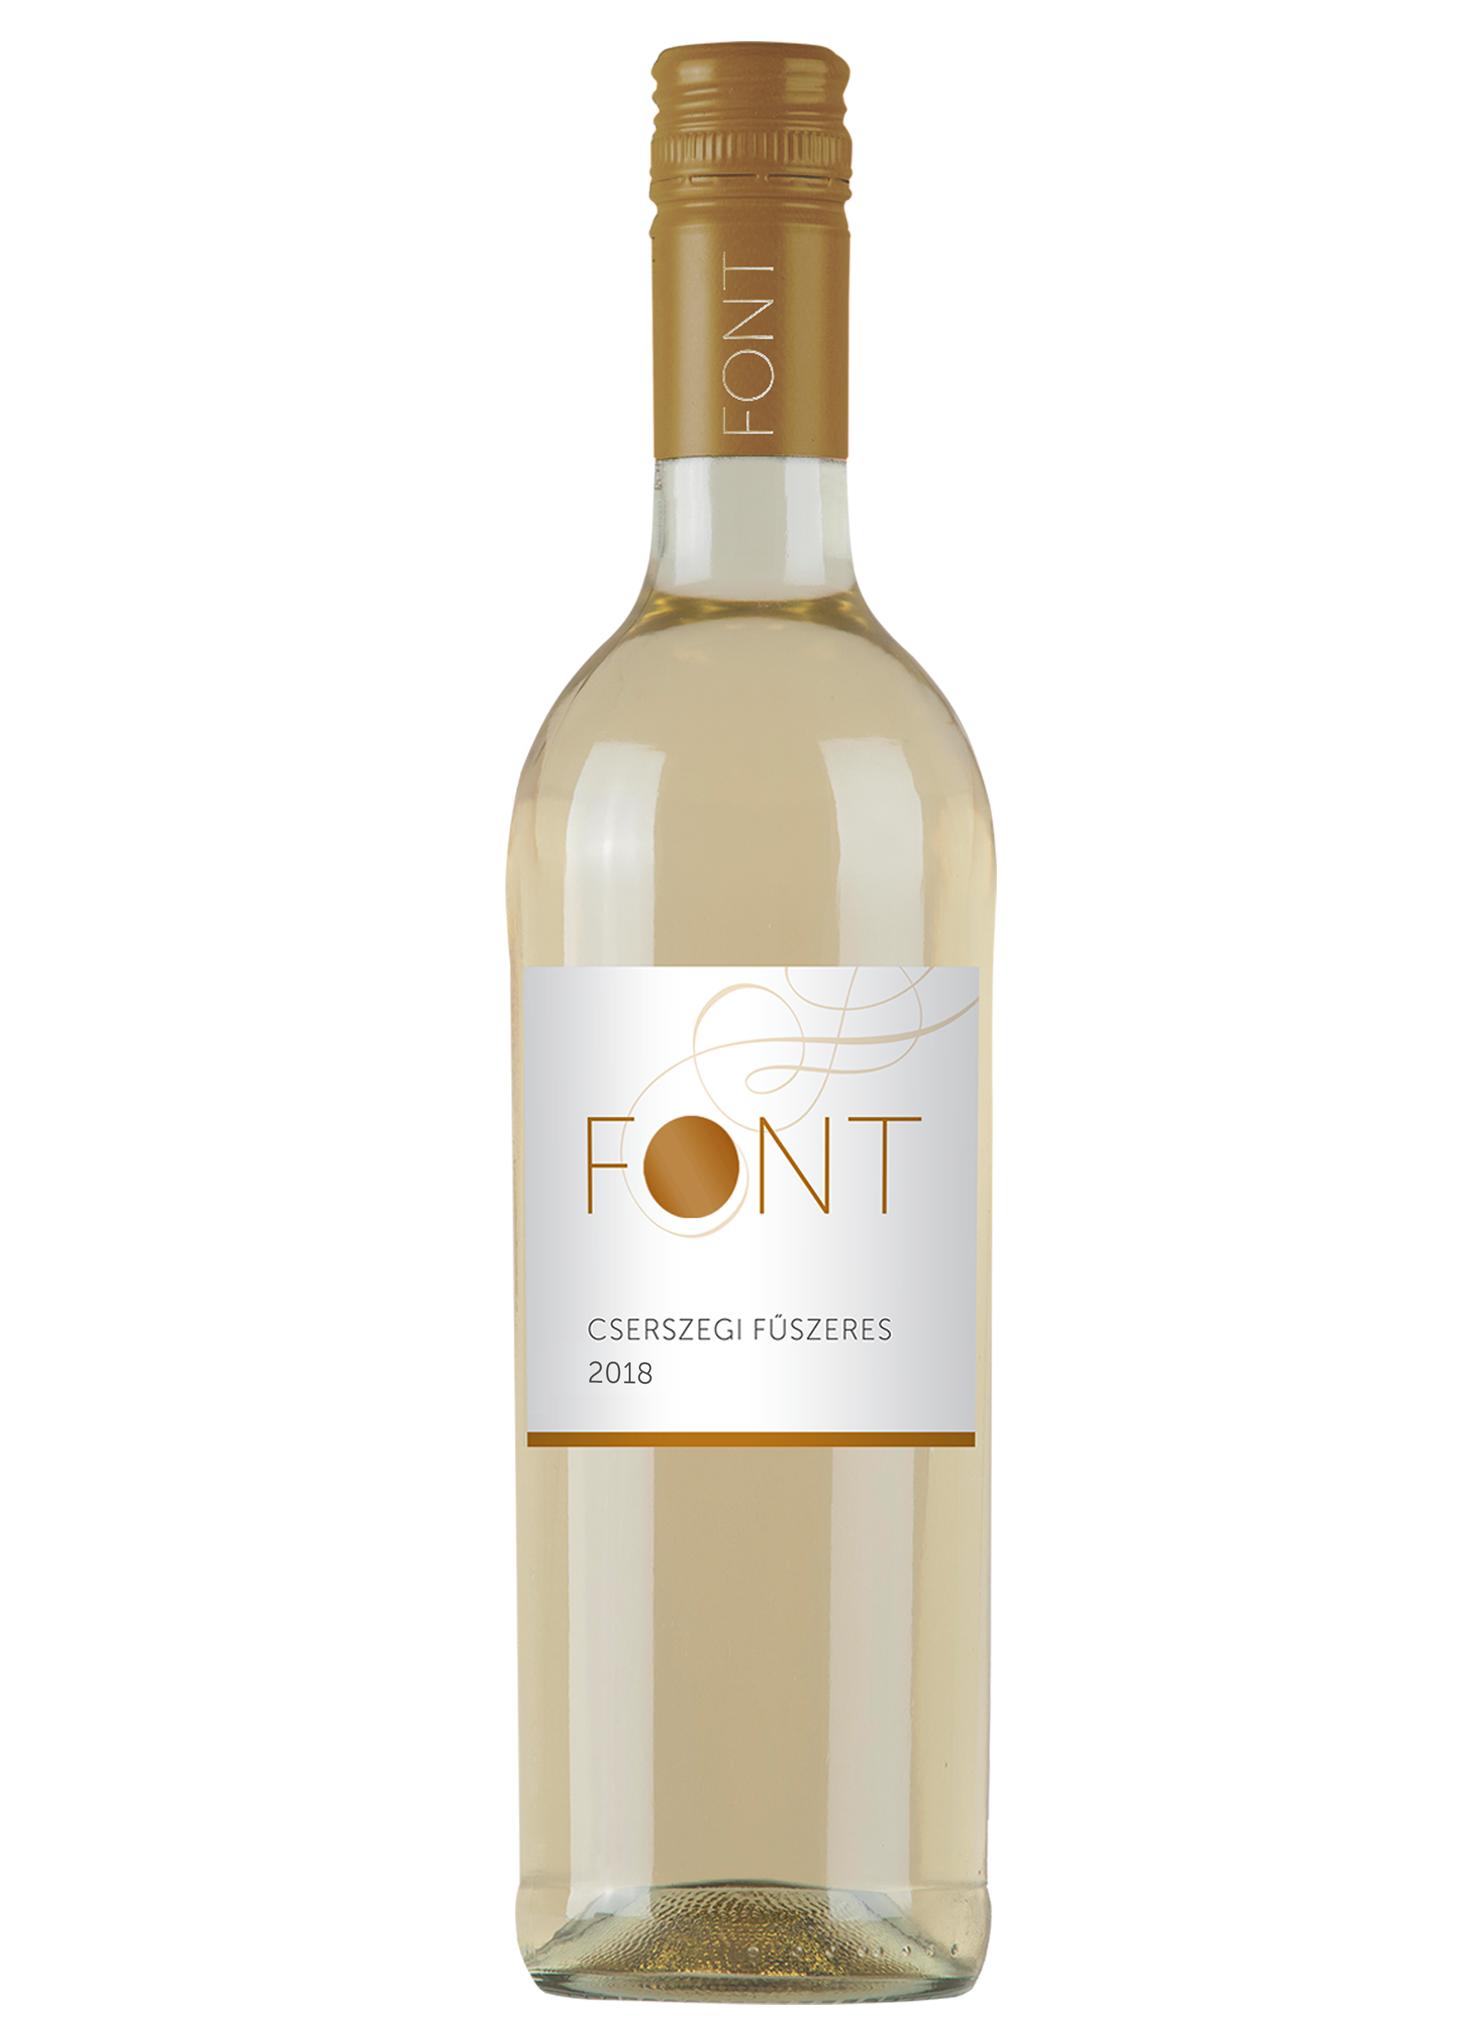 Cserszegi Fűszeres bor 0,75 l